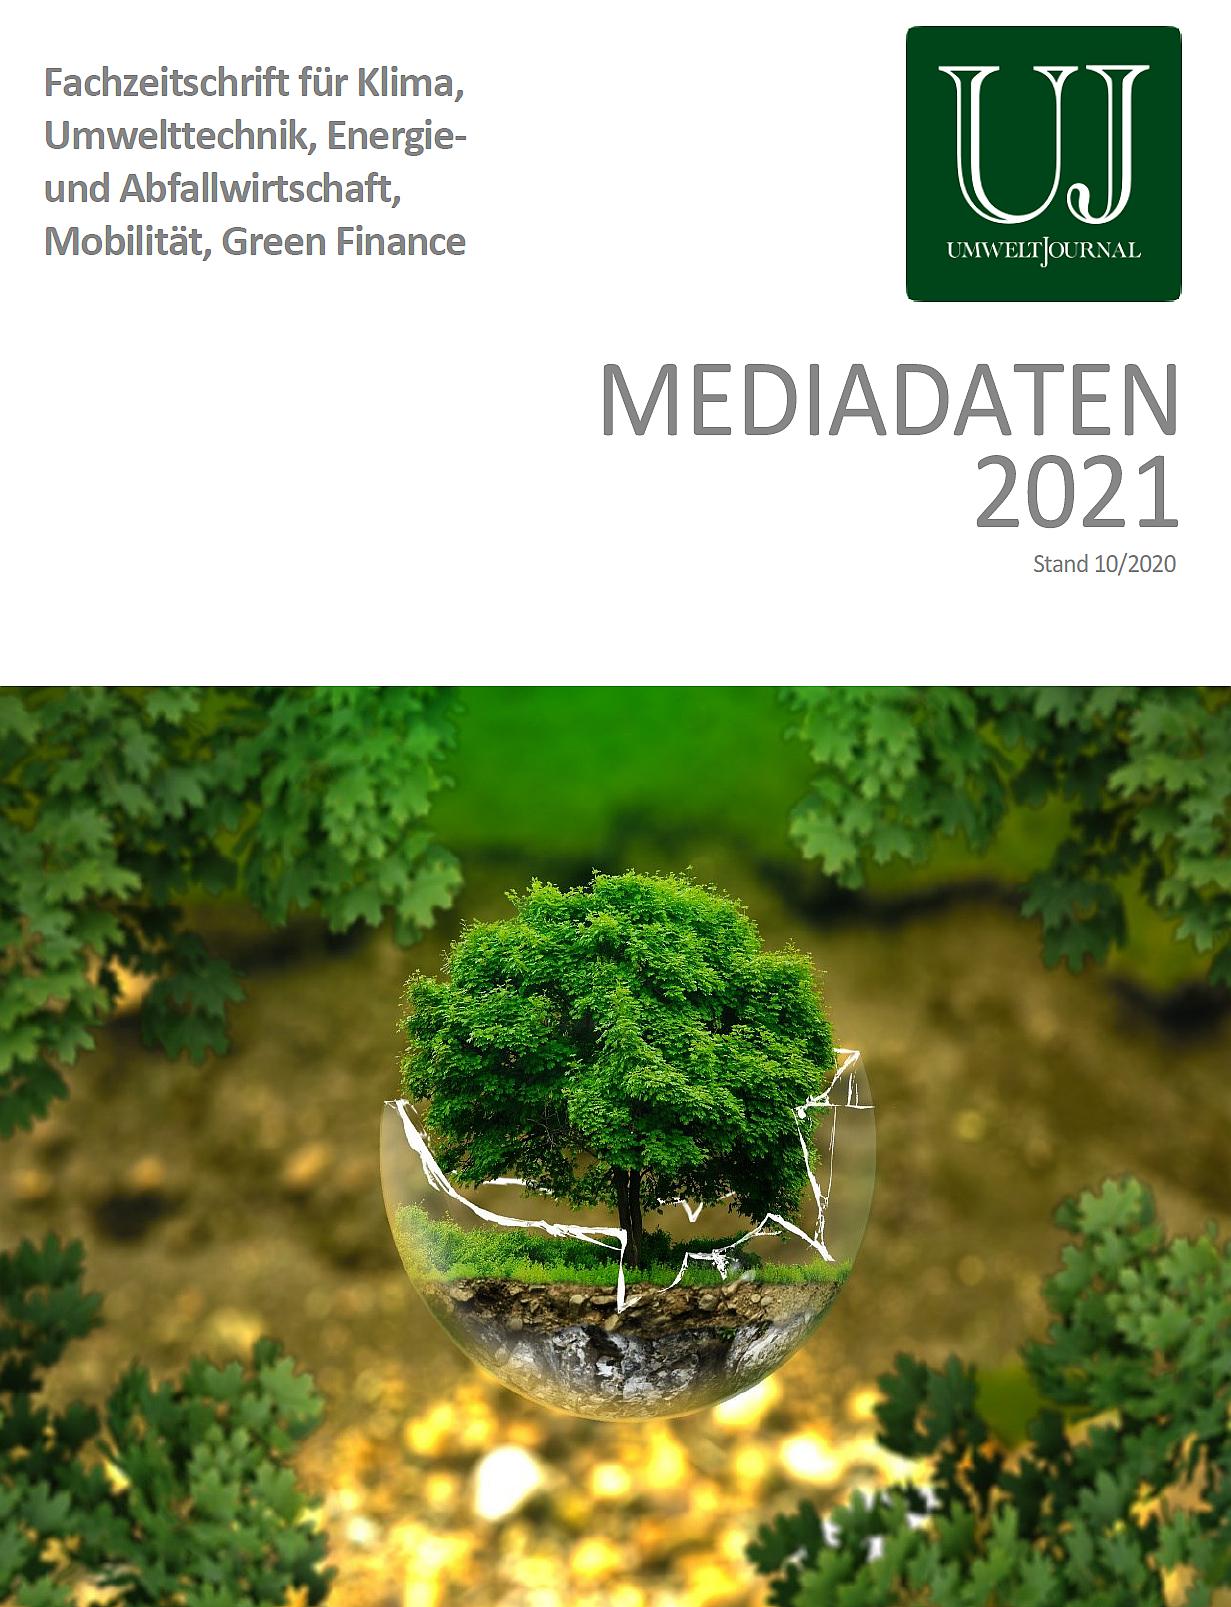 Foto: UMWELT JOURNAL Mediadaten 2021, Cover